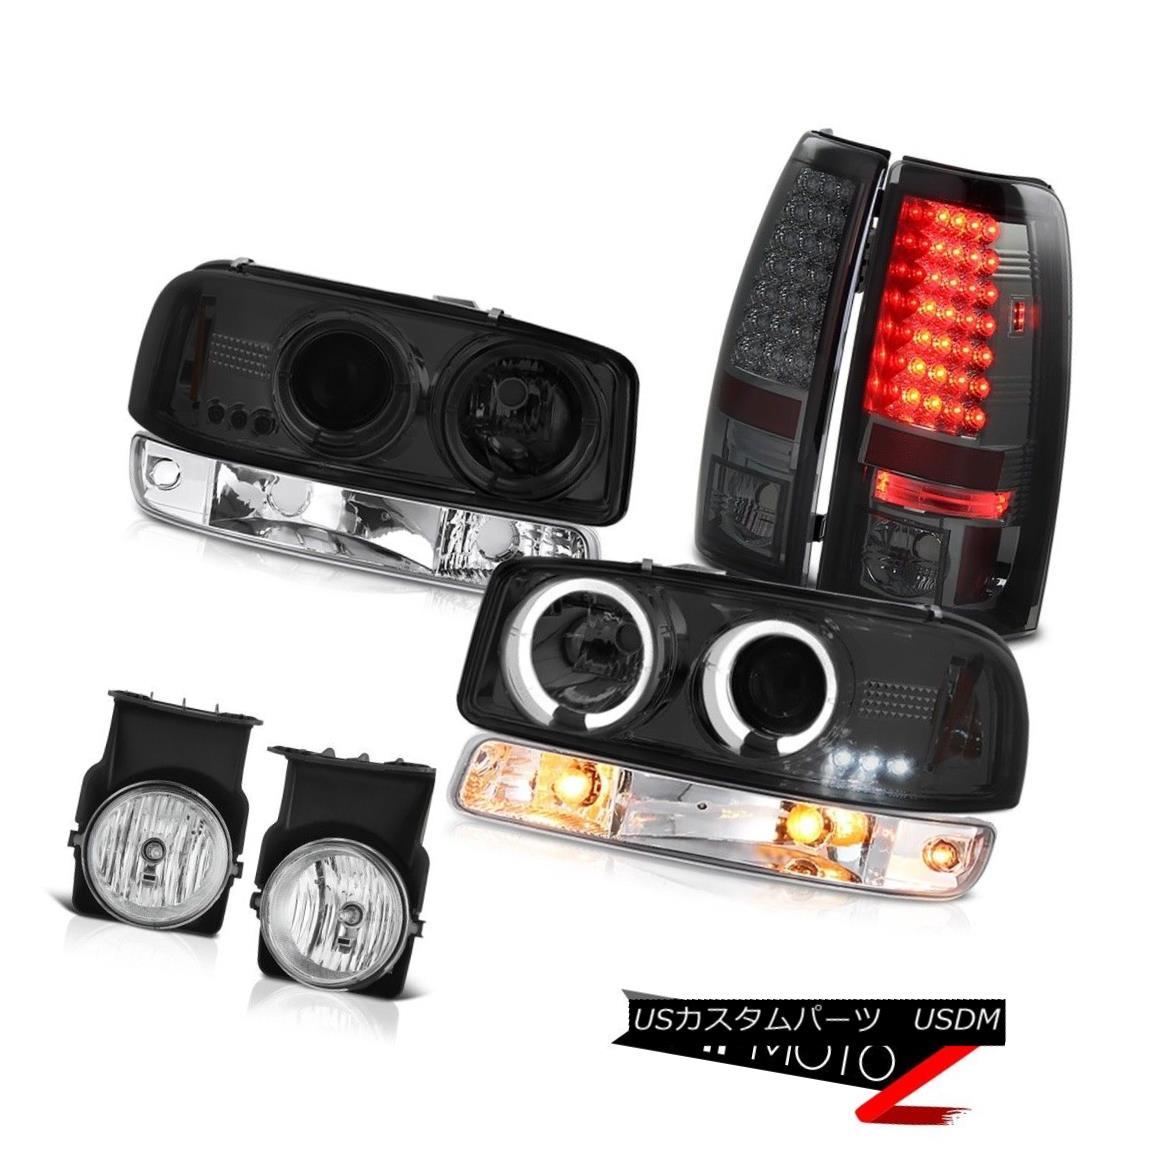 テールライト 03 04 05 06 Sierra C3 Fog lamps titanium smoke taillamps turn signal headlights 03 04 05 06シエラC3フォグランプチタン煙テールランプ信号ヘッドライト